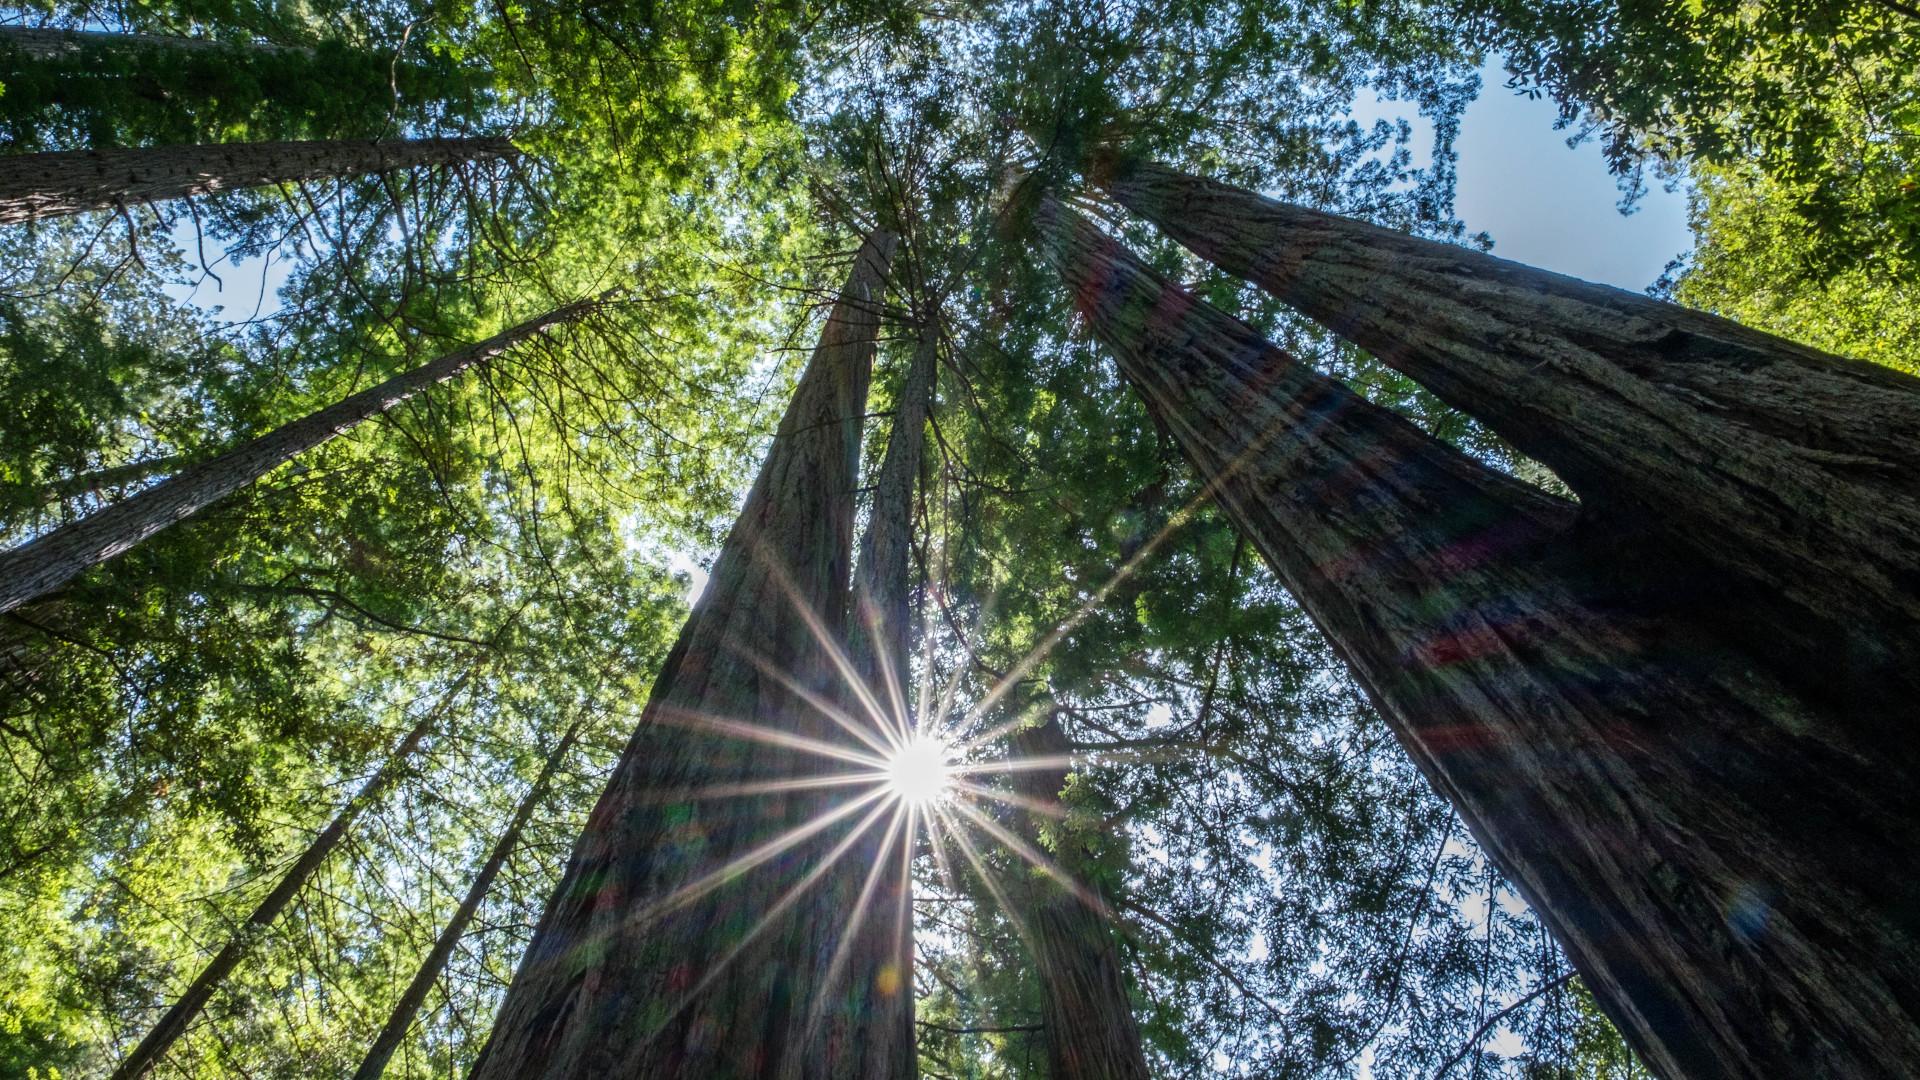 Comment mesurer la hauteur d'un arbre